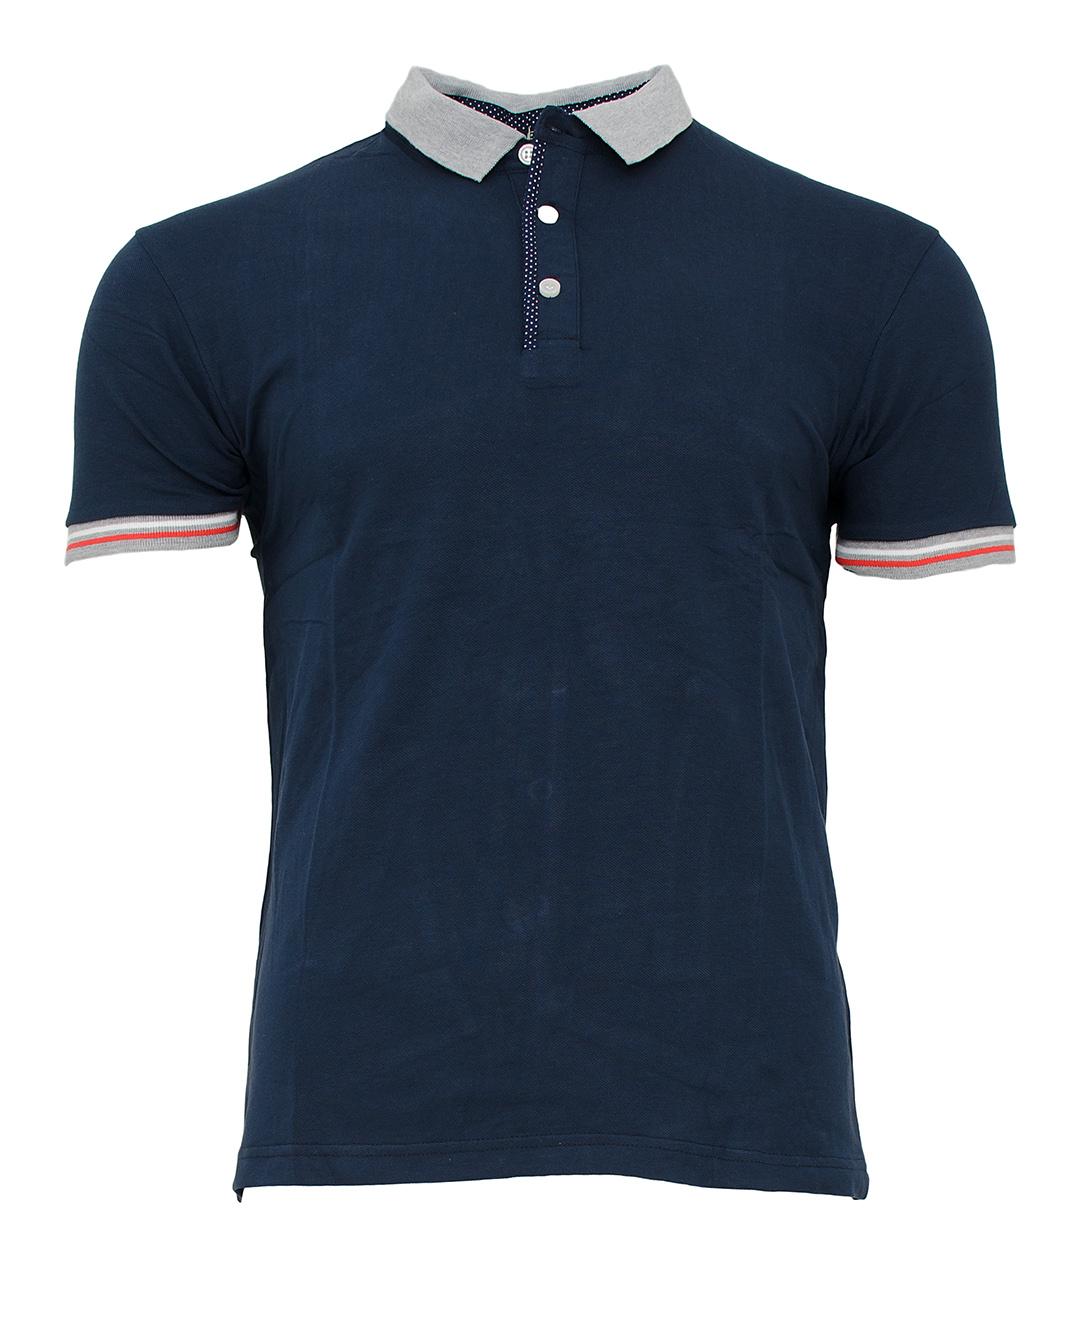 Ανδρικό Polo Poua Rabat-Μπλε Σκούρο αρχική ανδρικά ρούχα polo